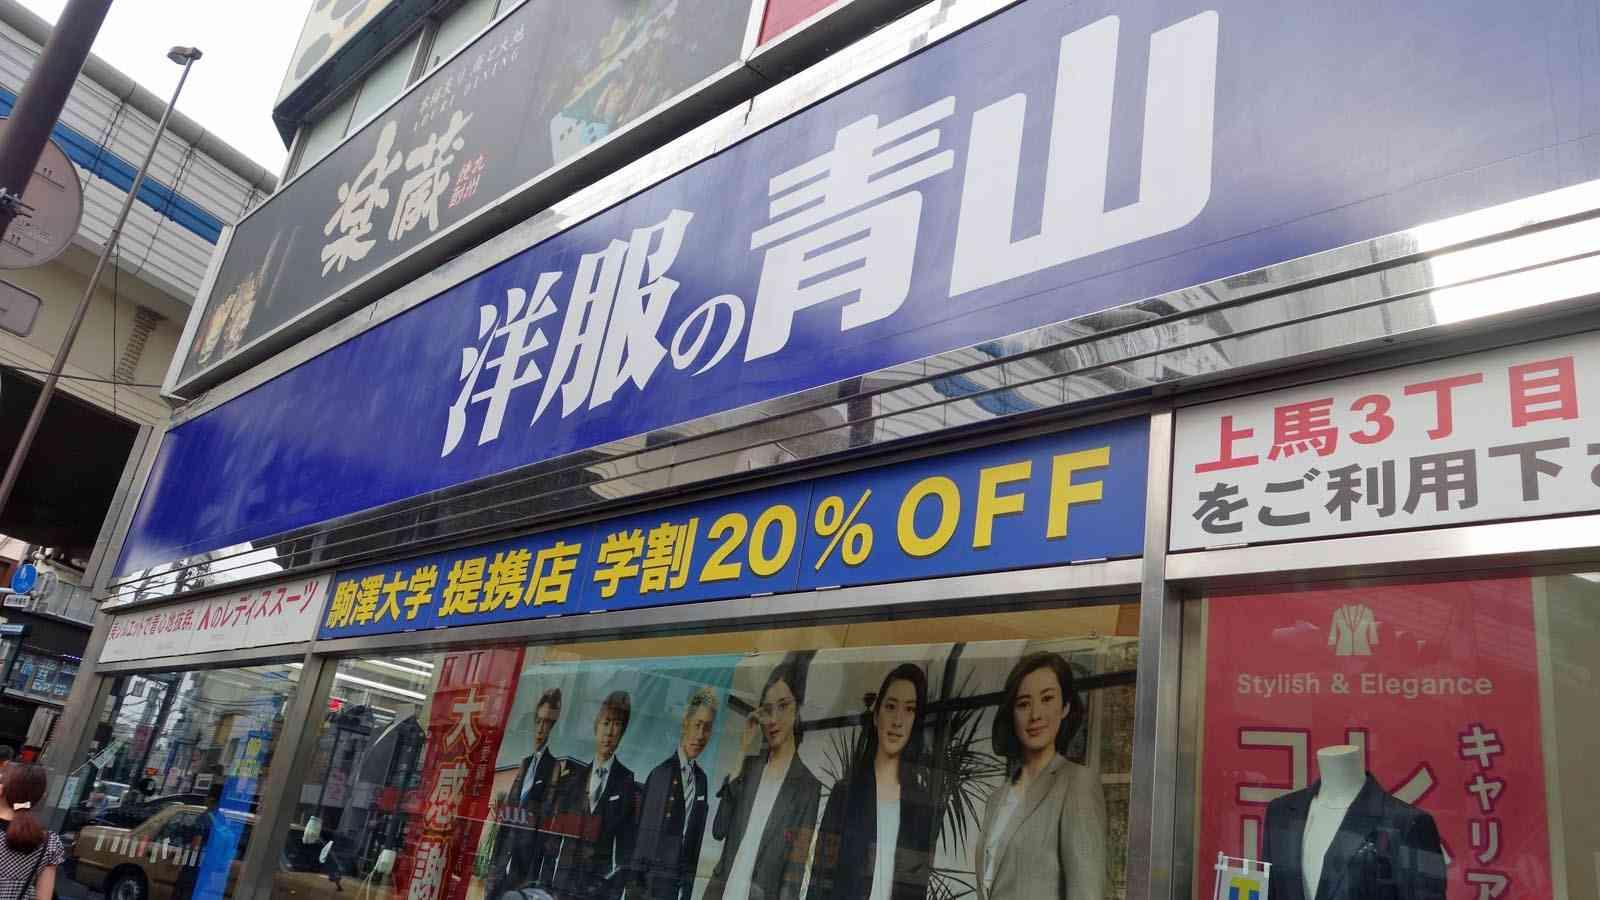 スーツ販売が低迷、紳士服大手が抱える苦悩 大手4社の既存店は前年割れ